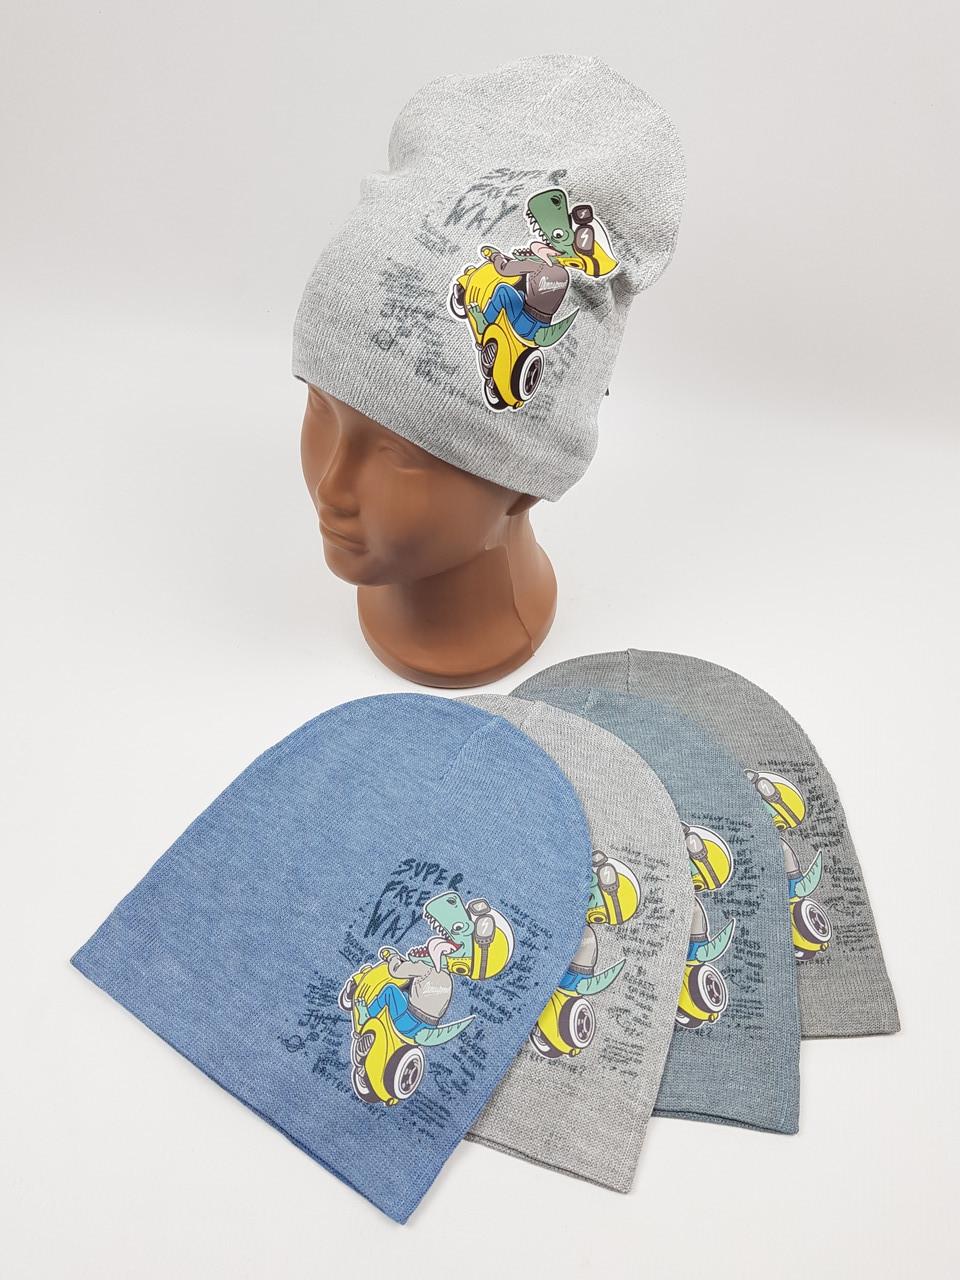 Детские демисезонные вязаные шапки для мальчиков оптом, р.48-50, ANPA (m83)